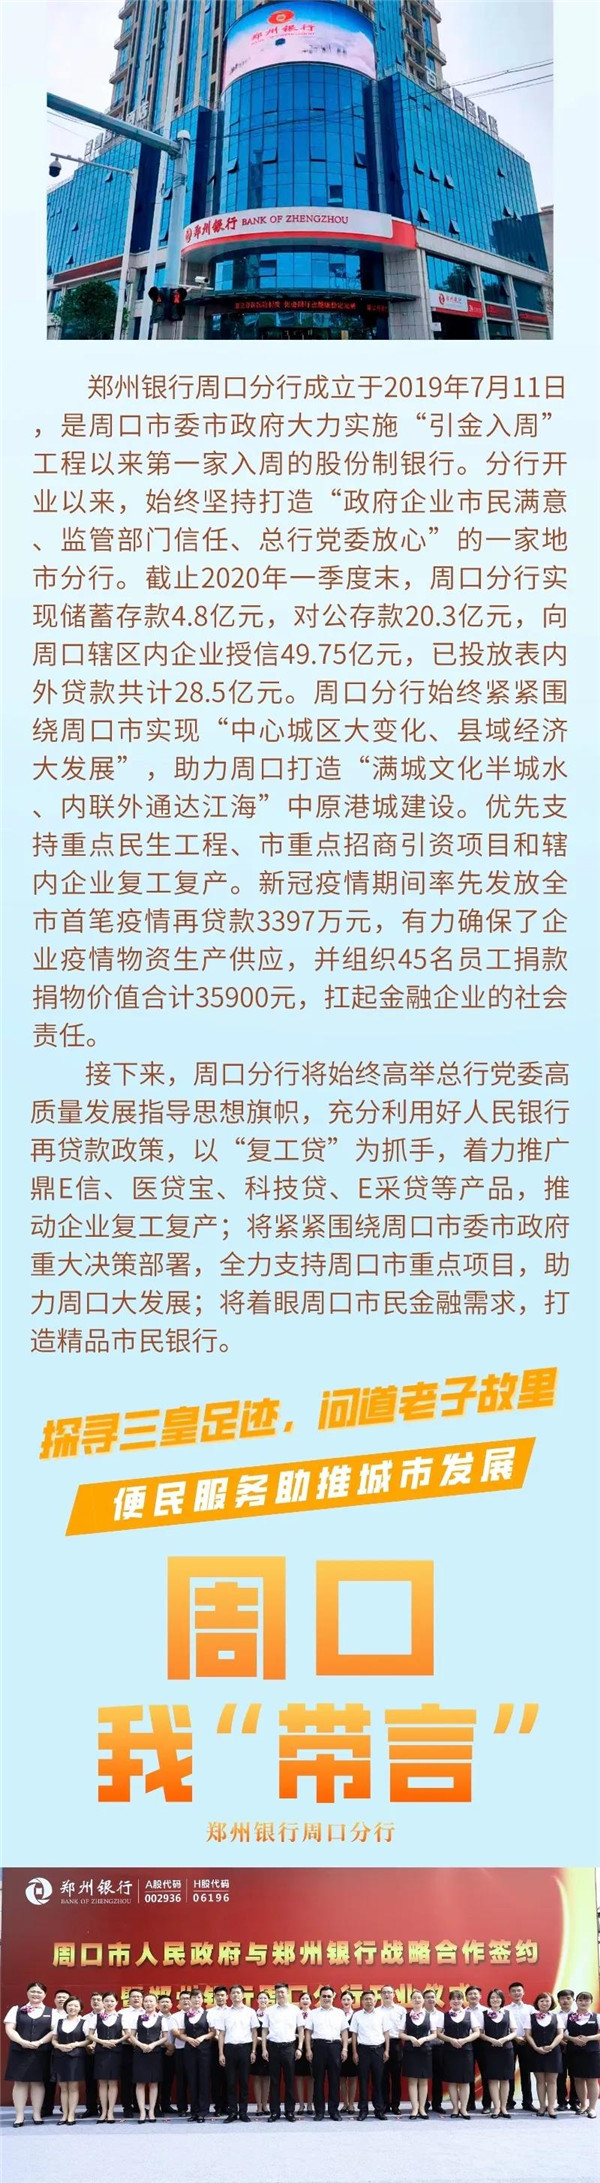 20200518郑州银行行长带言周口袁涛-3.jpg